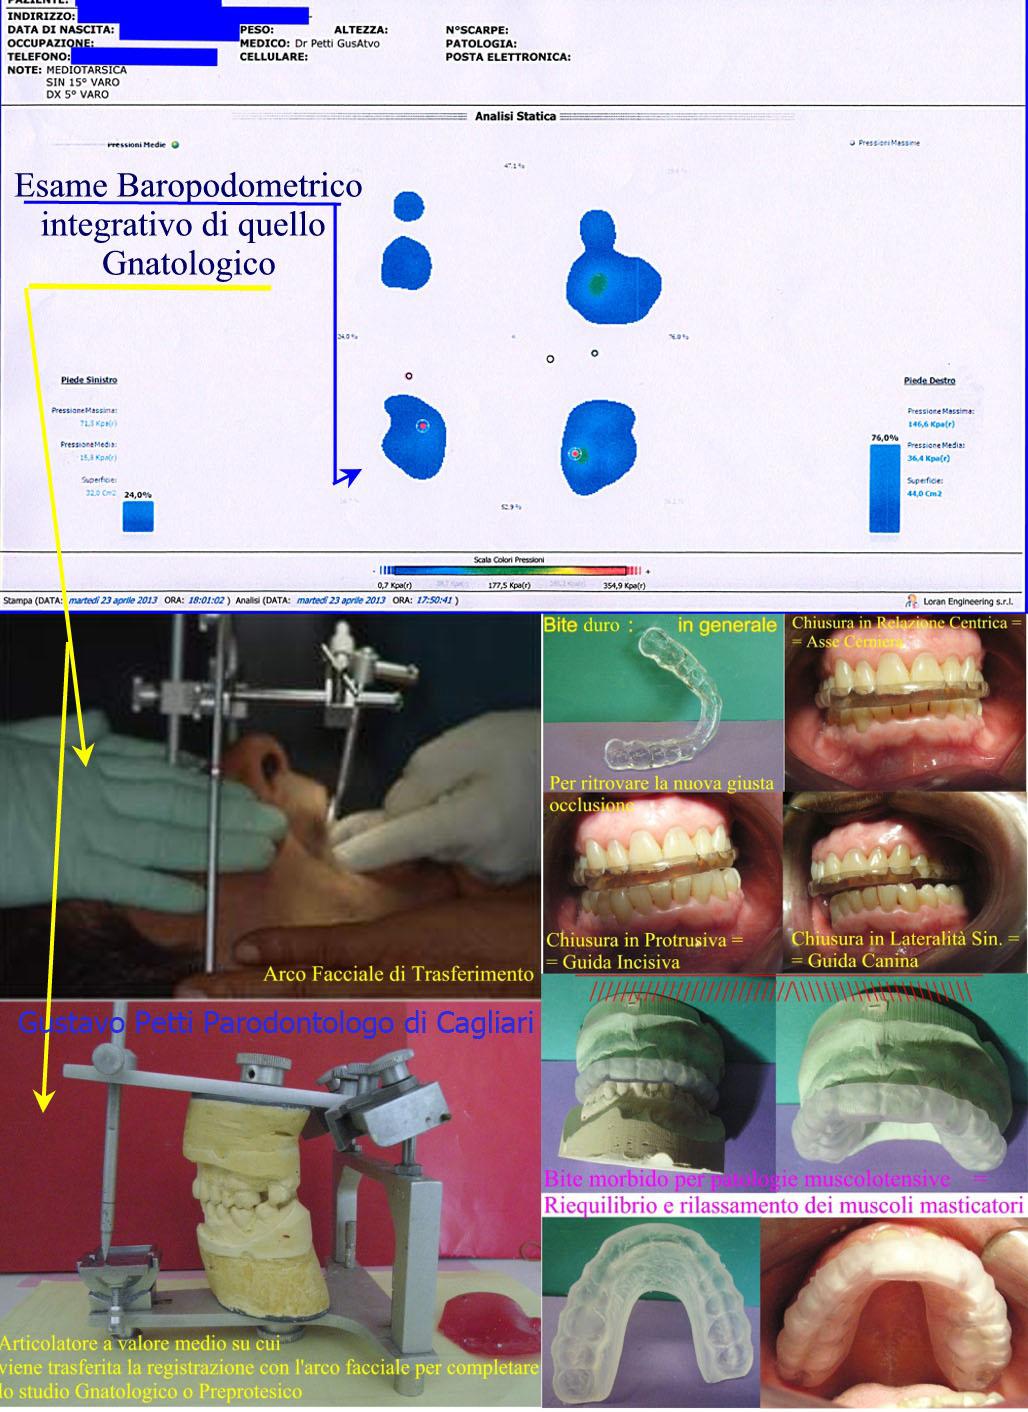 Dr. Gustavo Petti Parodontologo e Gnatologo di Cagliari. alcune fasi di una Valutazione Gnatologica c on Archo Facciale, Bite, Stabilimetria Computerizzata.